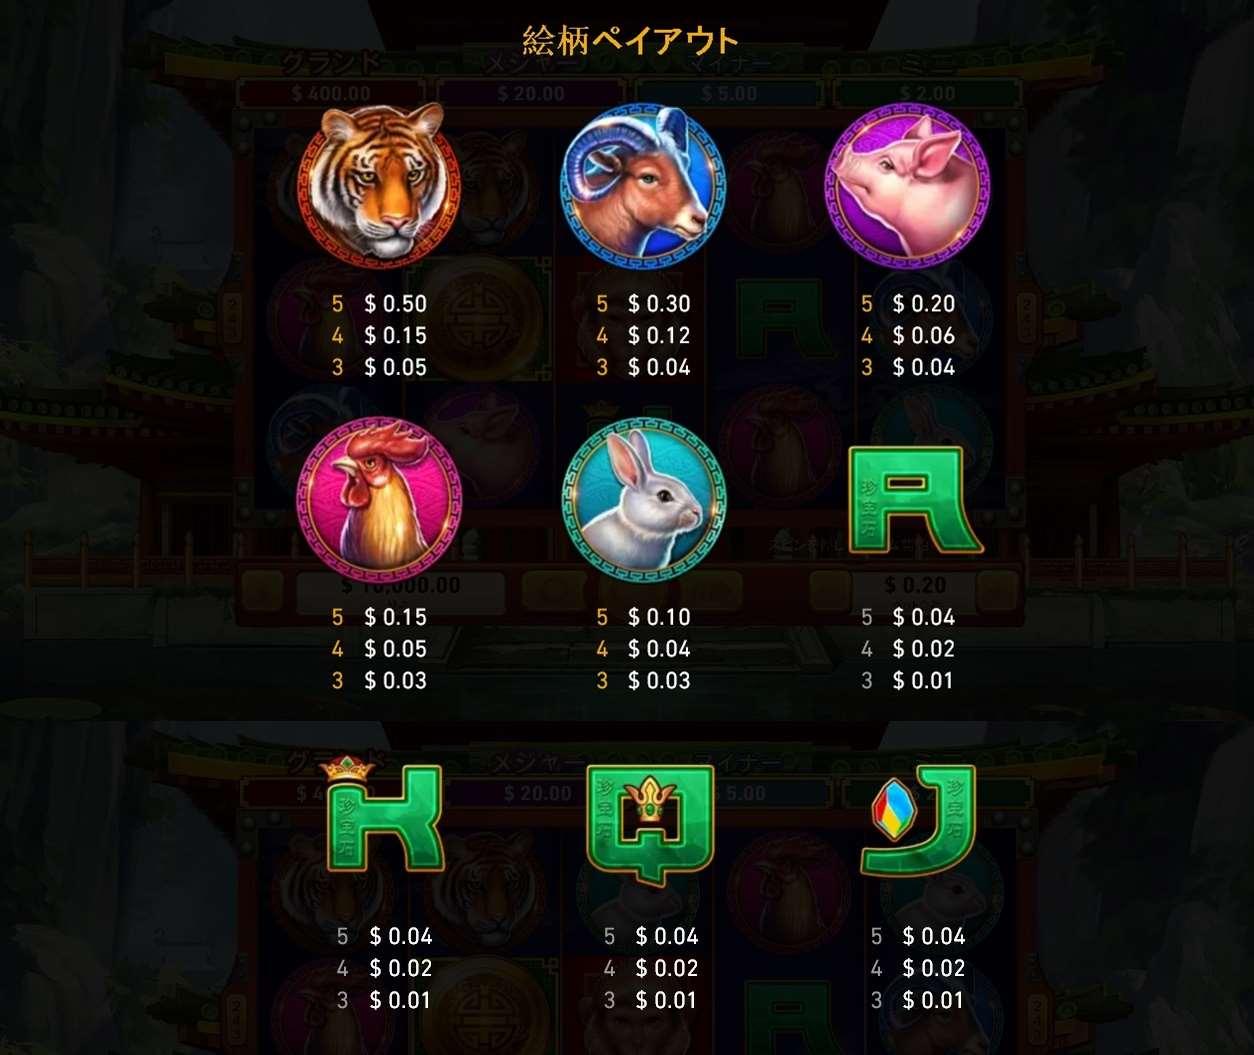 カジノゲーム 無料 BETと機能の一覧表